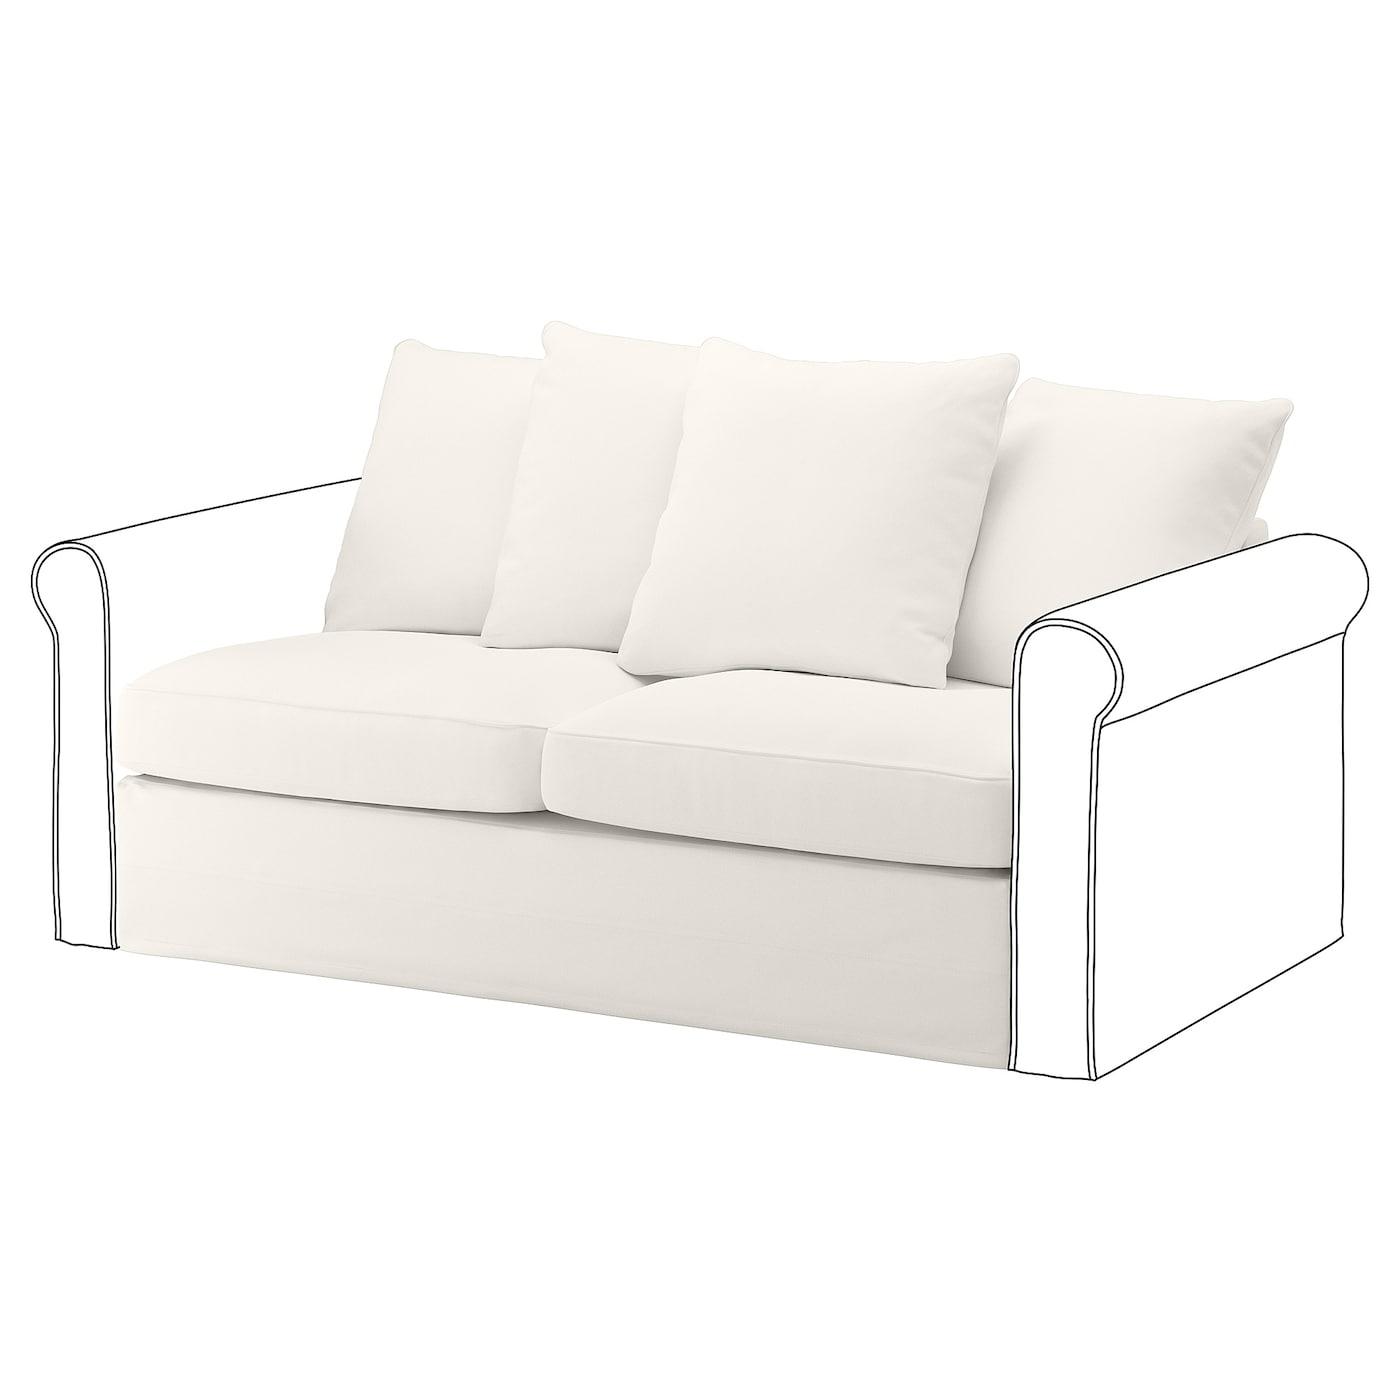 Merveilleux GRÖNLID Loveseat Sleeper Section, Inseros White